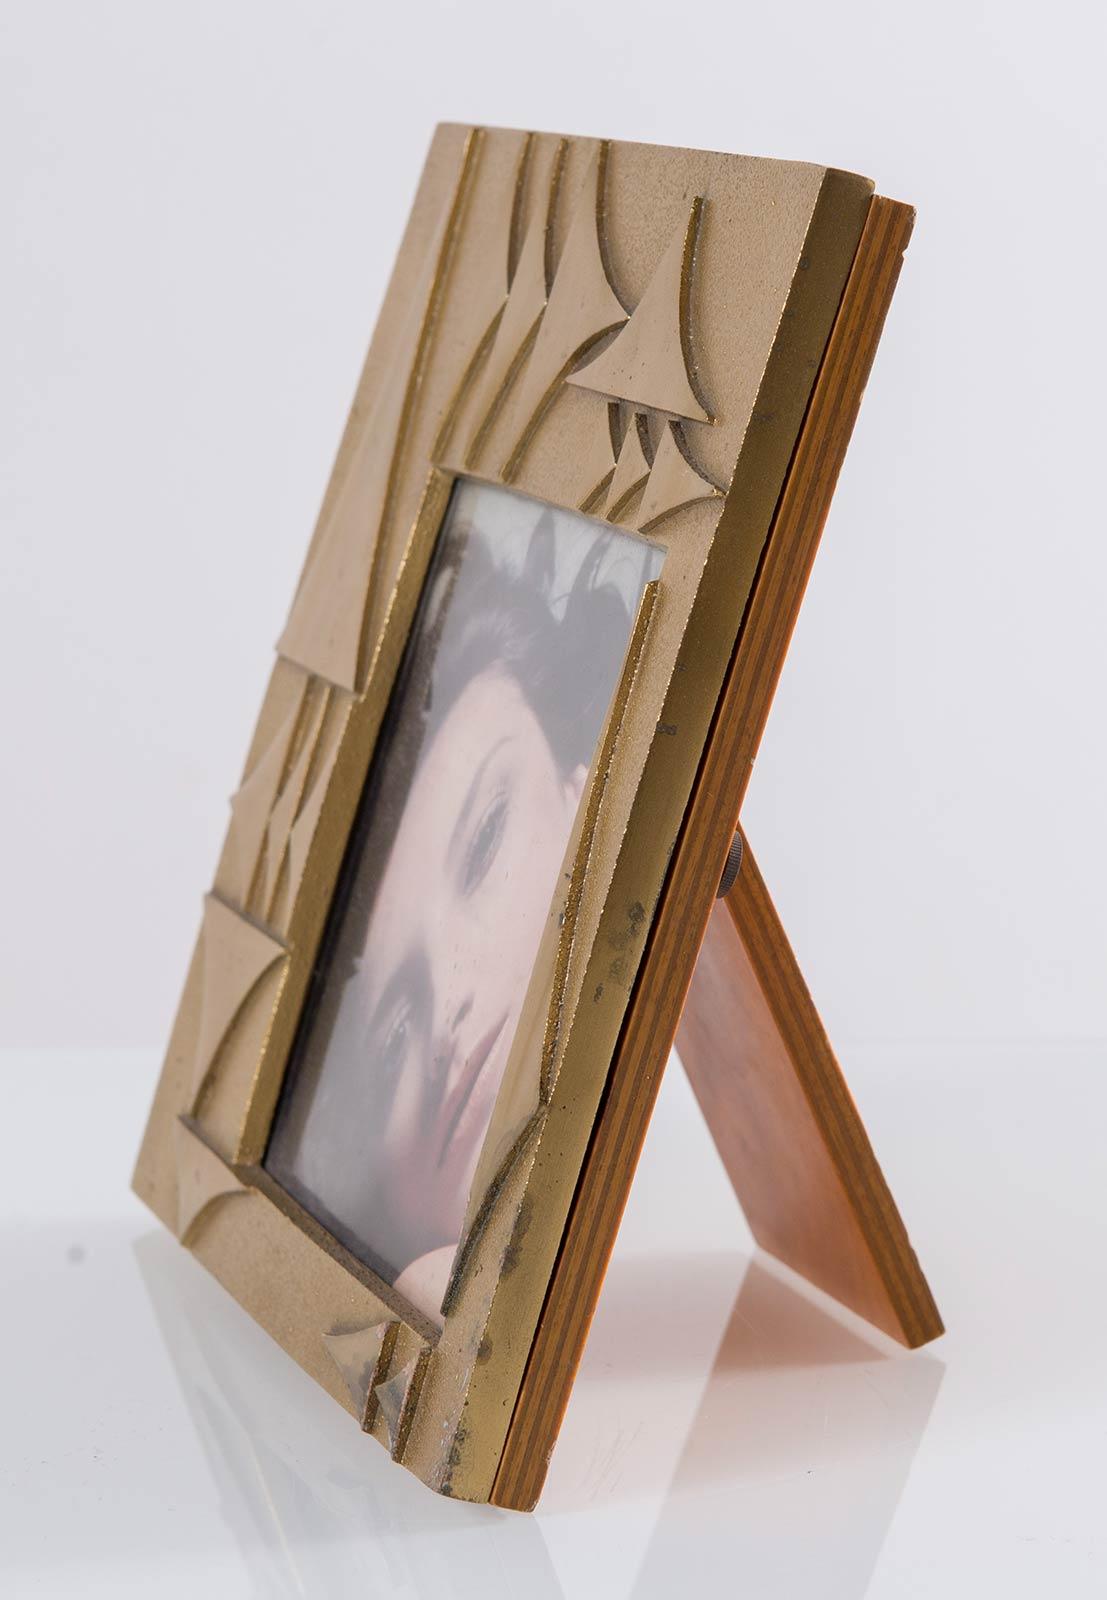 Cornice-scultura in ottone con retro in radica, Manifattura Italiana - Anni '70. - Image 2 of 2